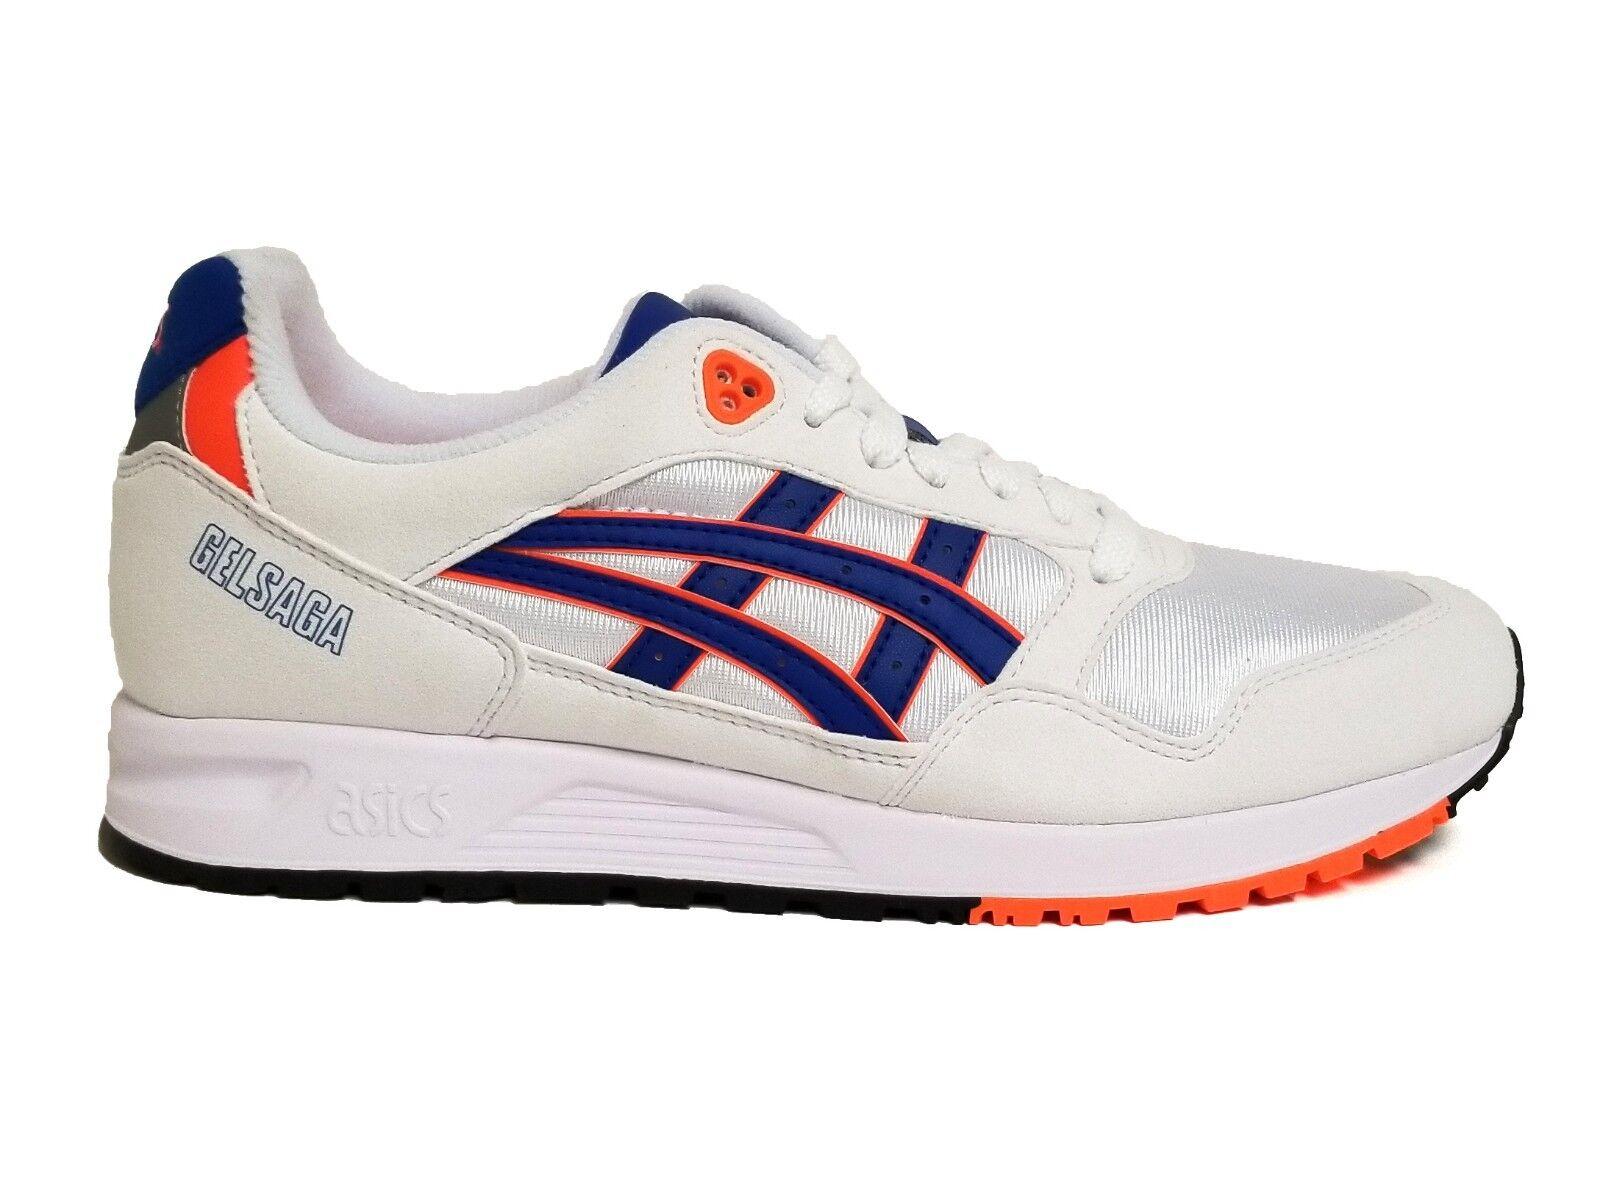 Asics Men's GEL SAGA SUMMER PACK Shoes White/Asics Blue 1193A071-101 c